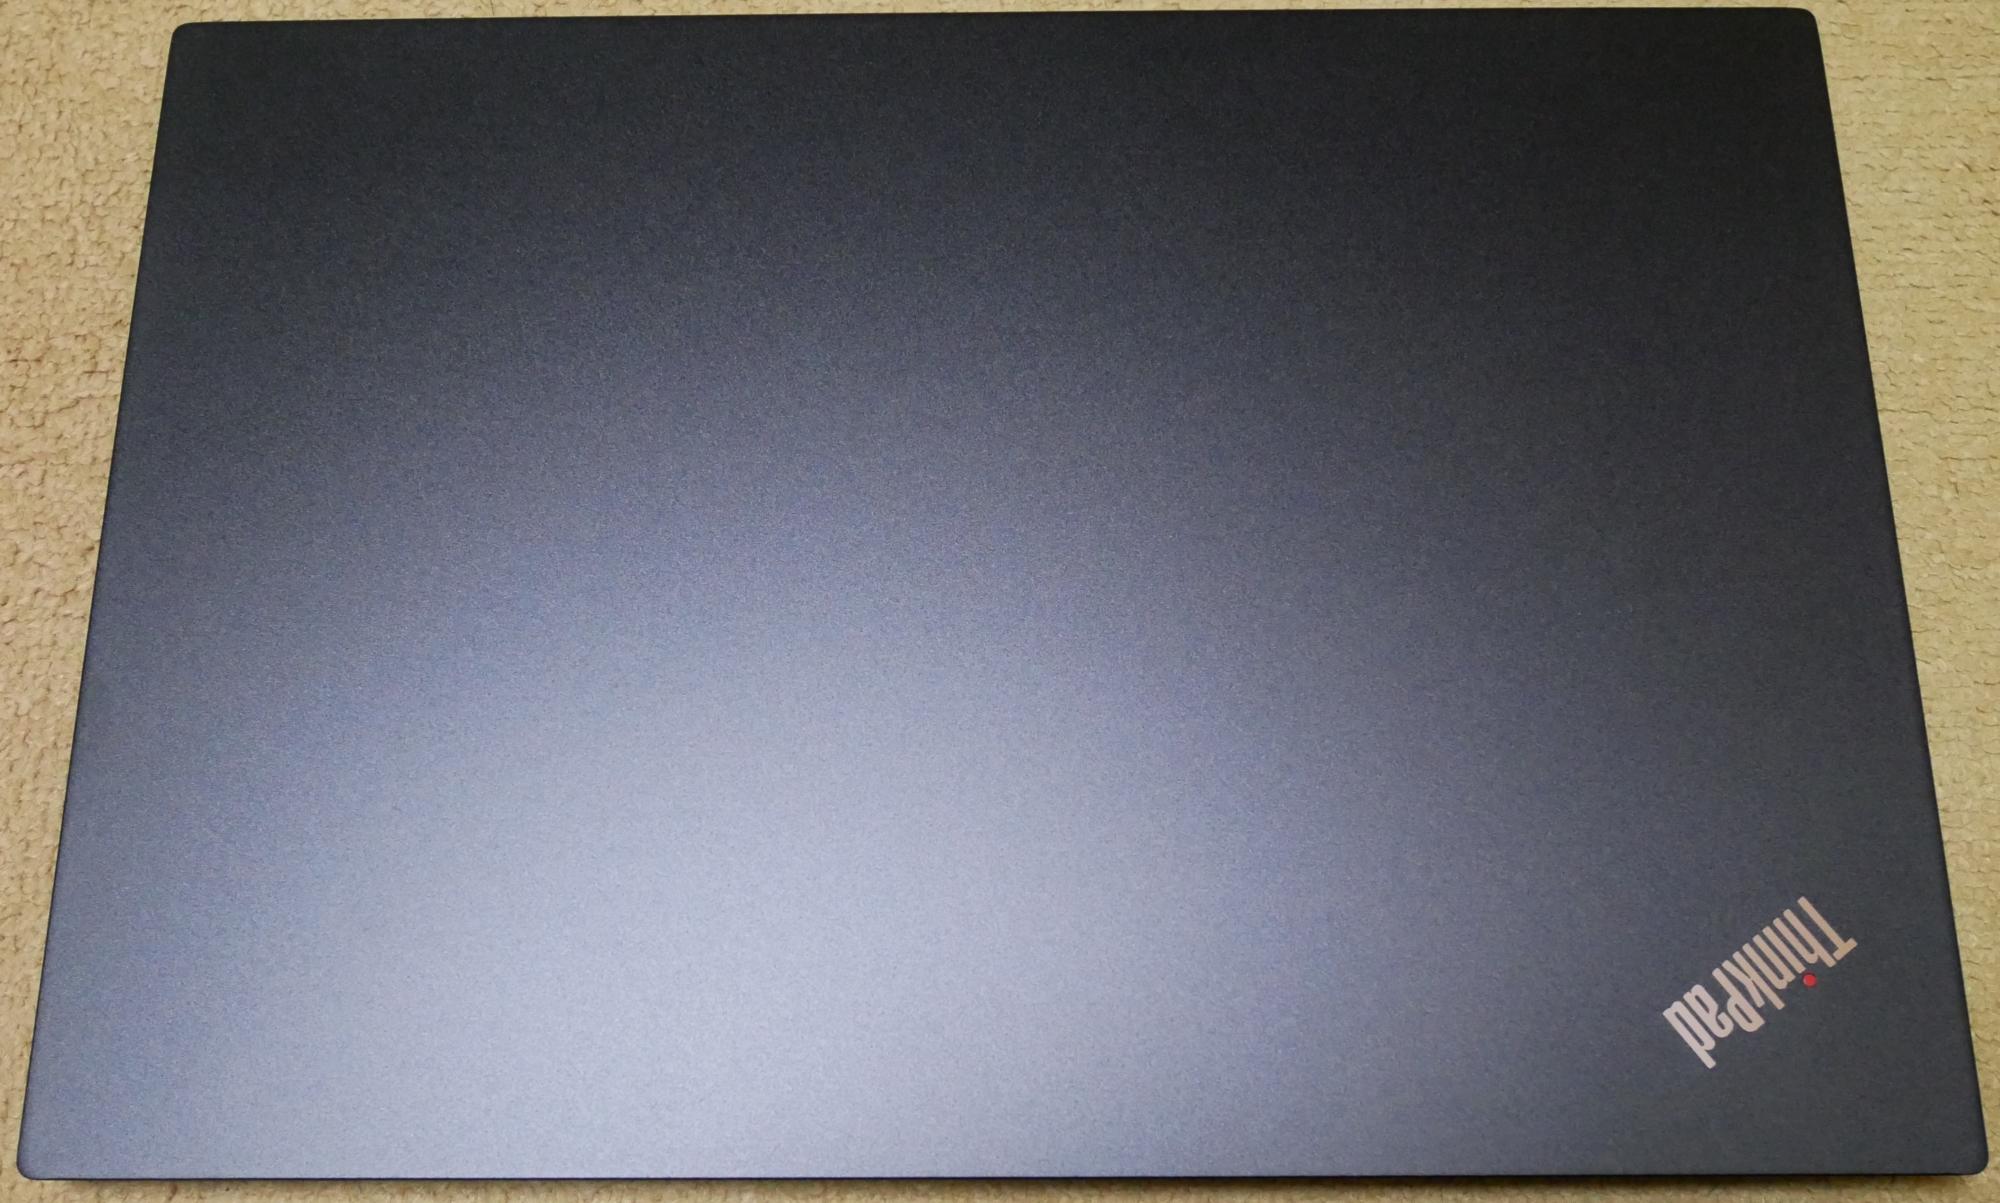 新品の「ThinkPad E595」を5万円で買ったのでレビュー